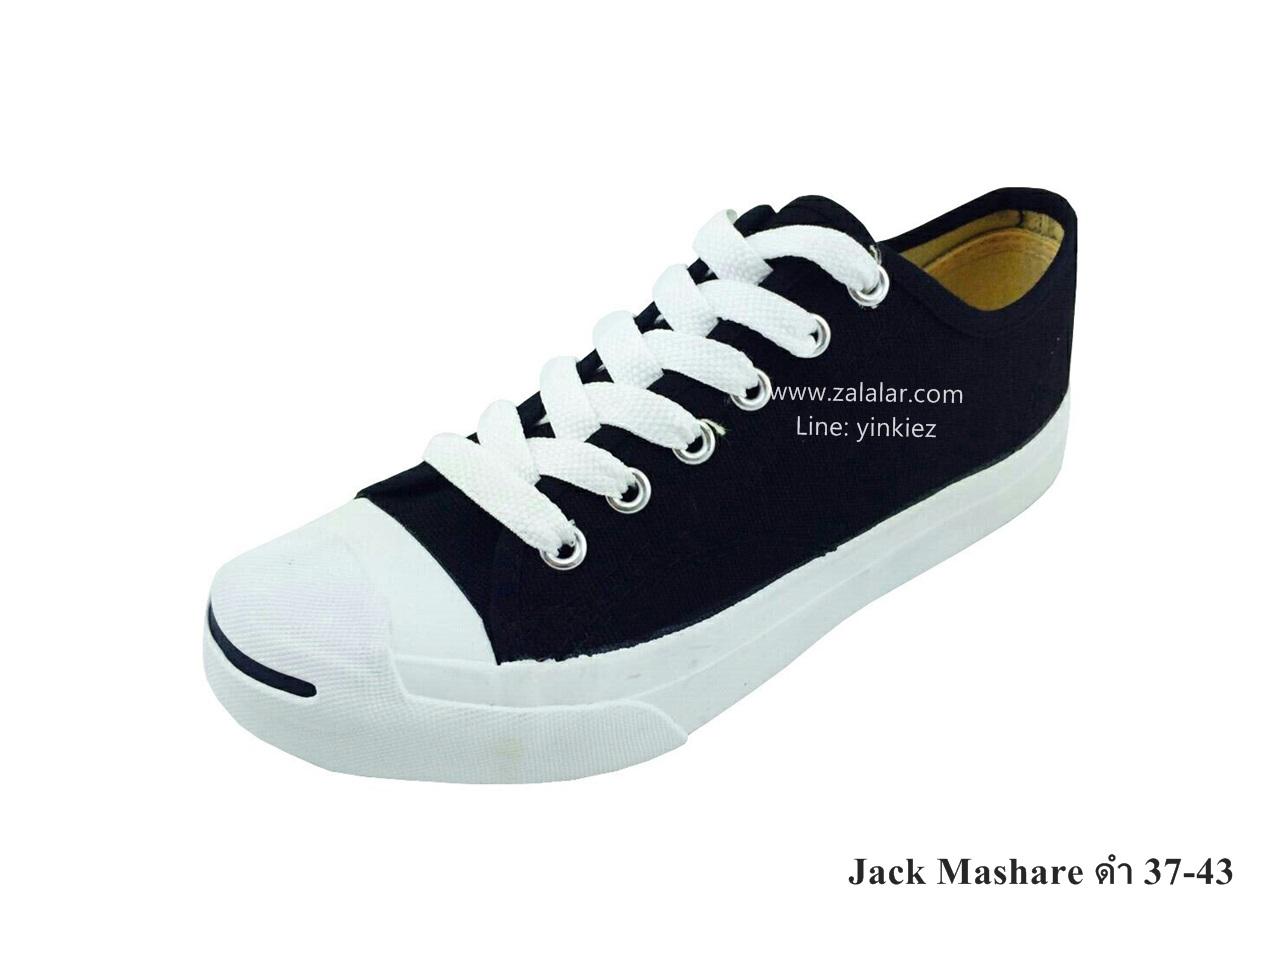 [พร้อมส่ง] รองเท้าผ้าใบแฟชั่น รุ่น Jack Mashare สีดำ